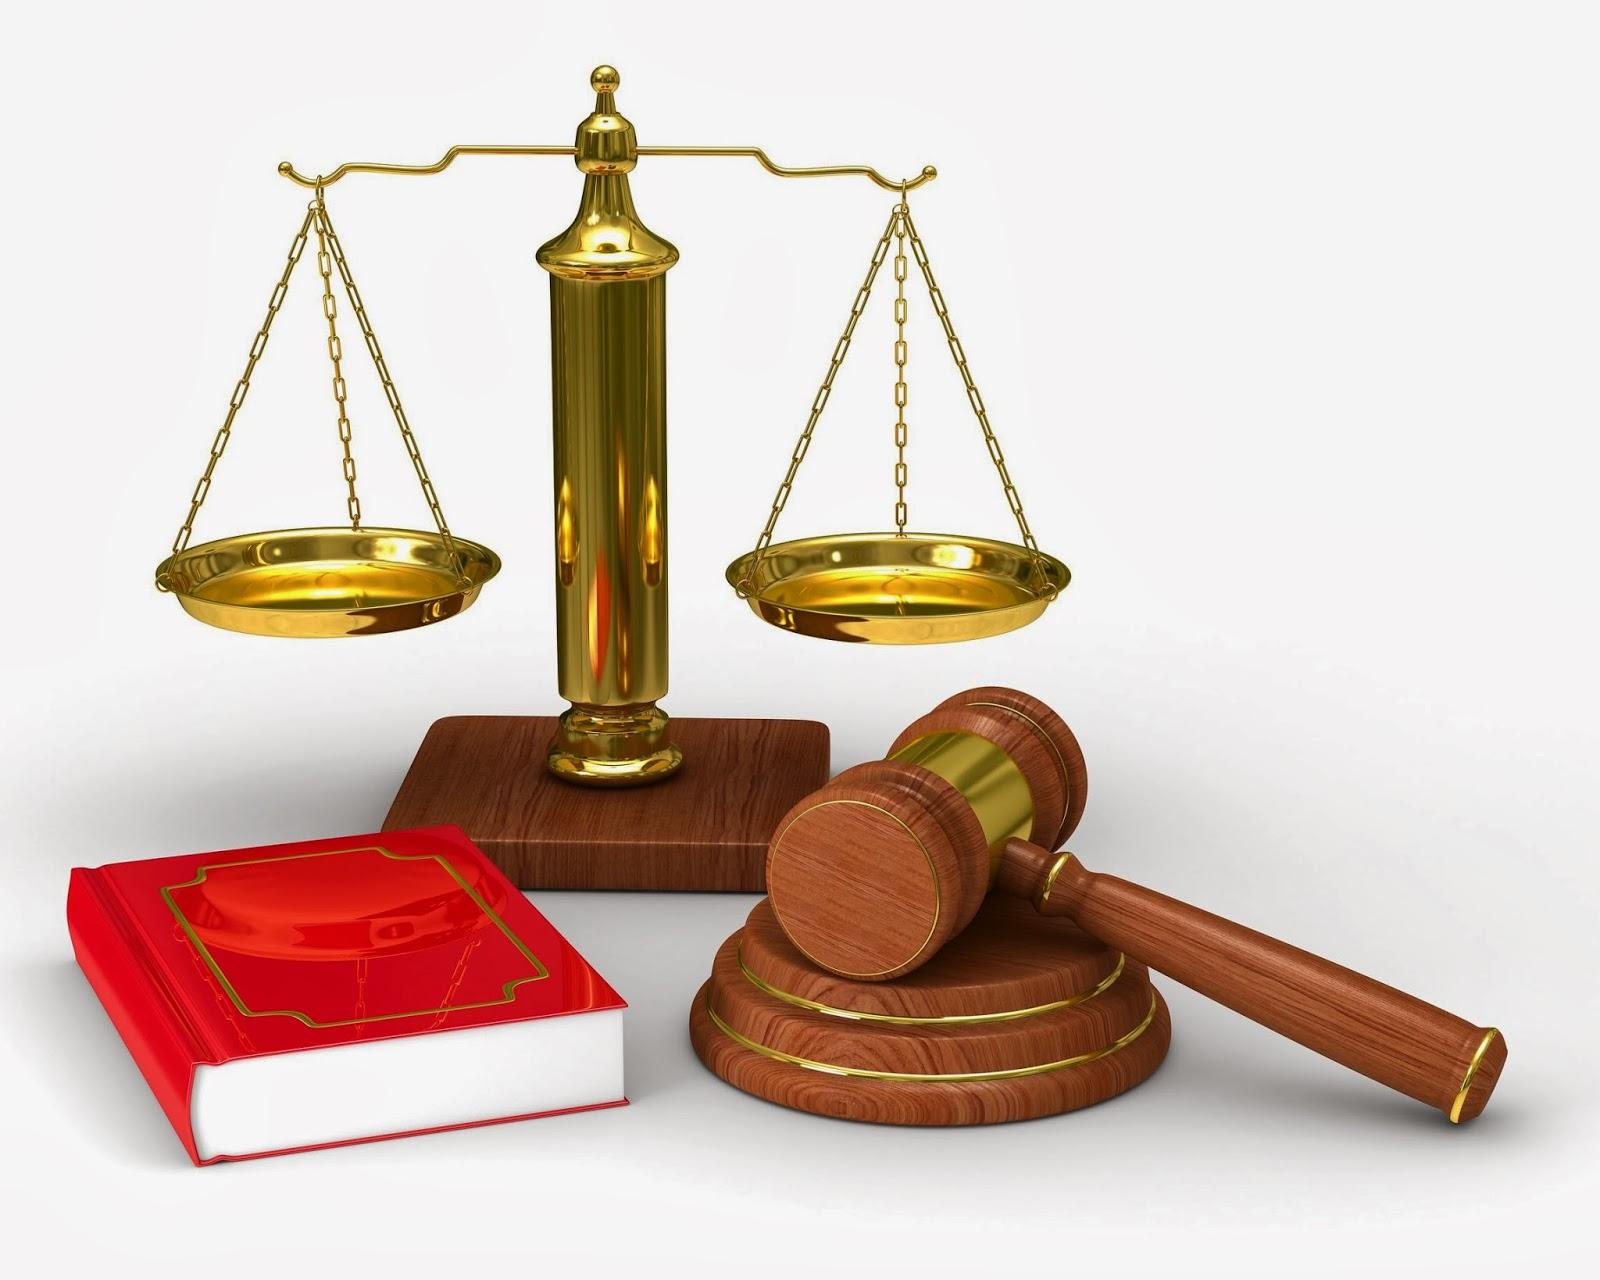 Contoh Judul Skripsi Hukum Terbaru Judul Skripsi Hukum Terbaru Scribd Skripsi Tatanegara Skripsi Hukum Tatanegara Contoh Skripsi Kumpulan